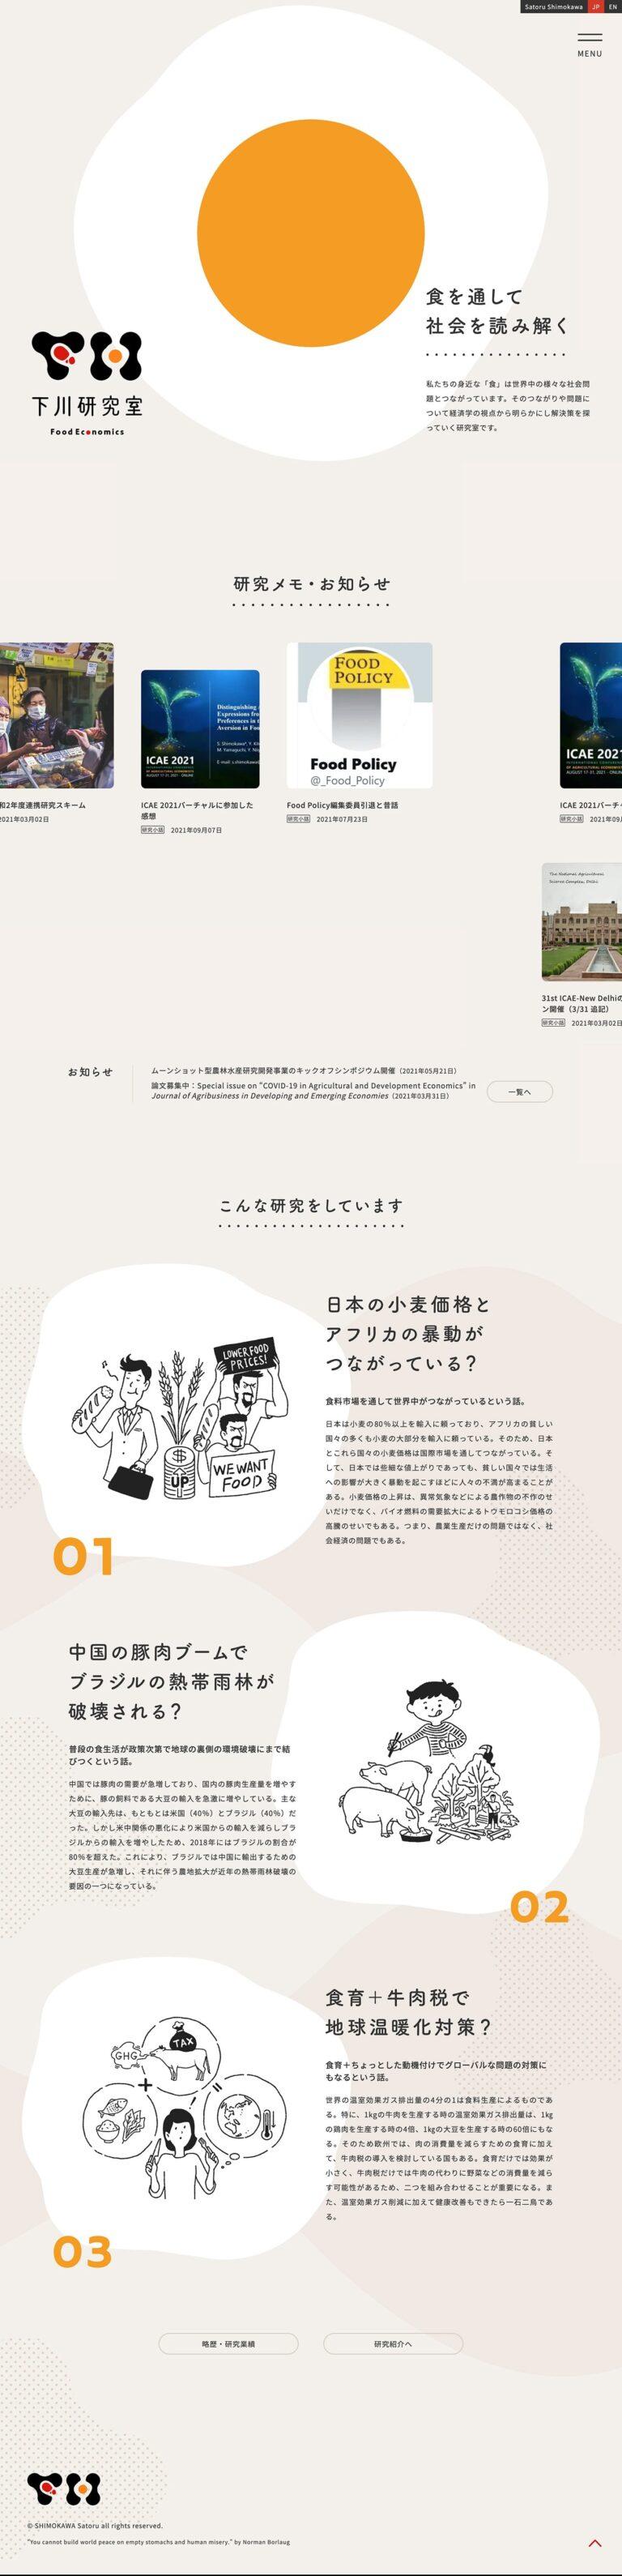 下川研究室|早稲田大学政治経済学術院 准教授